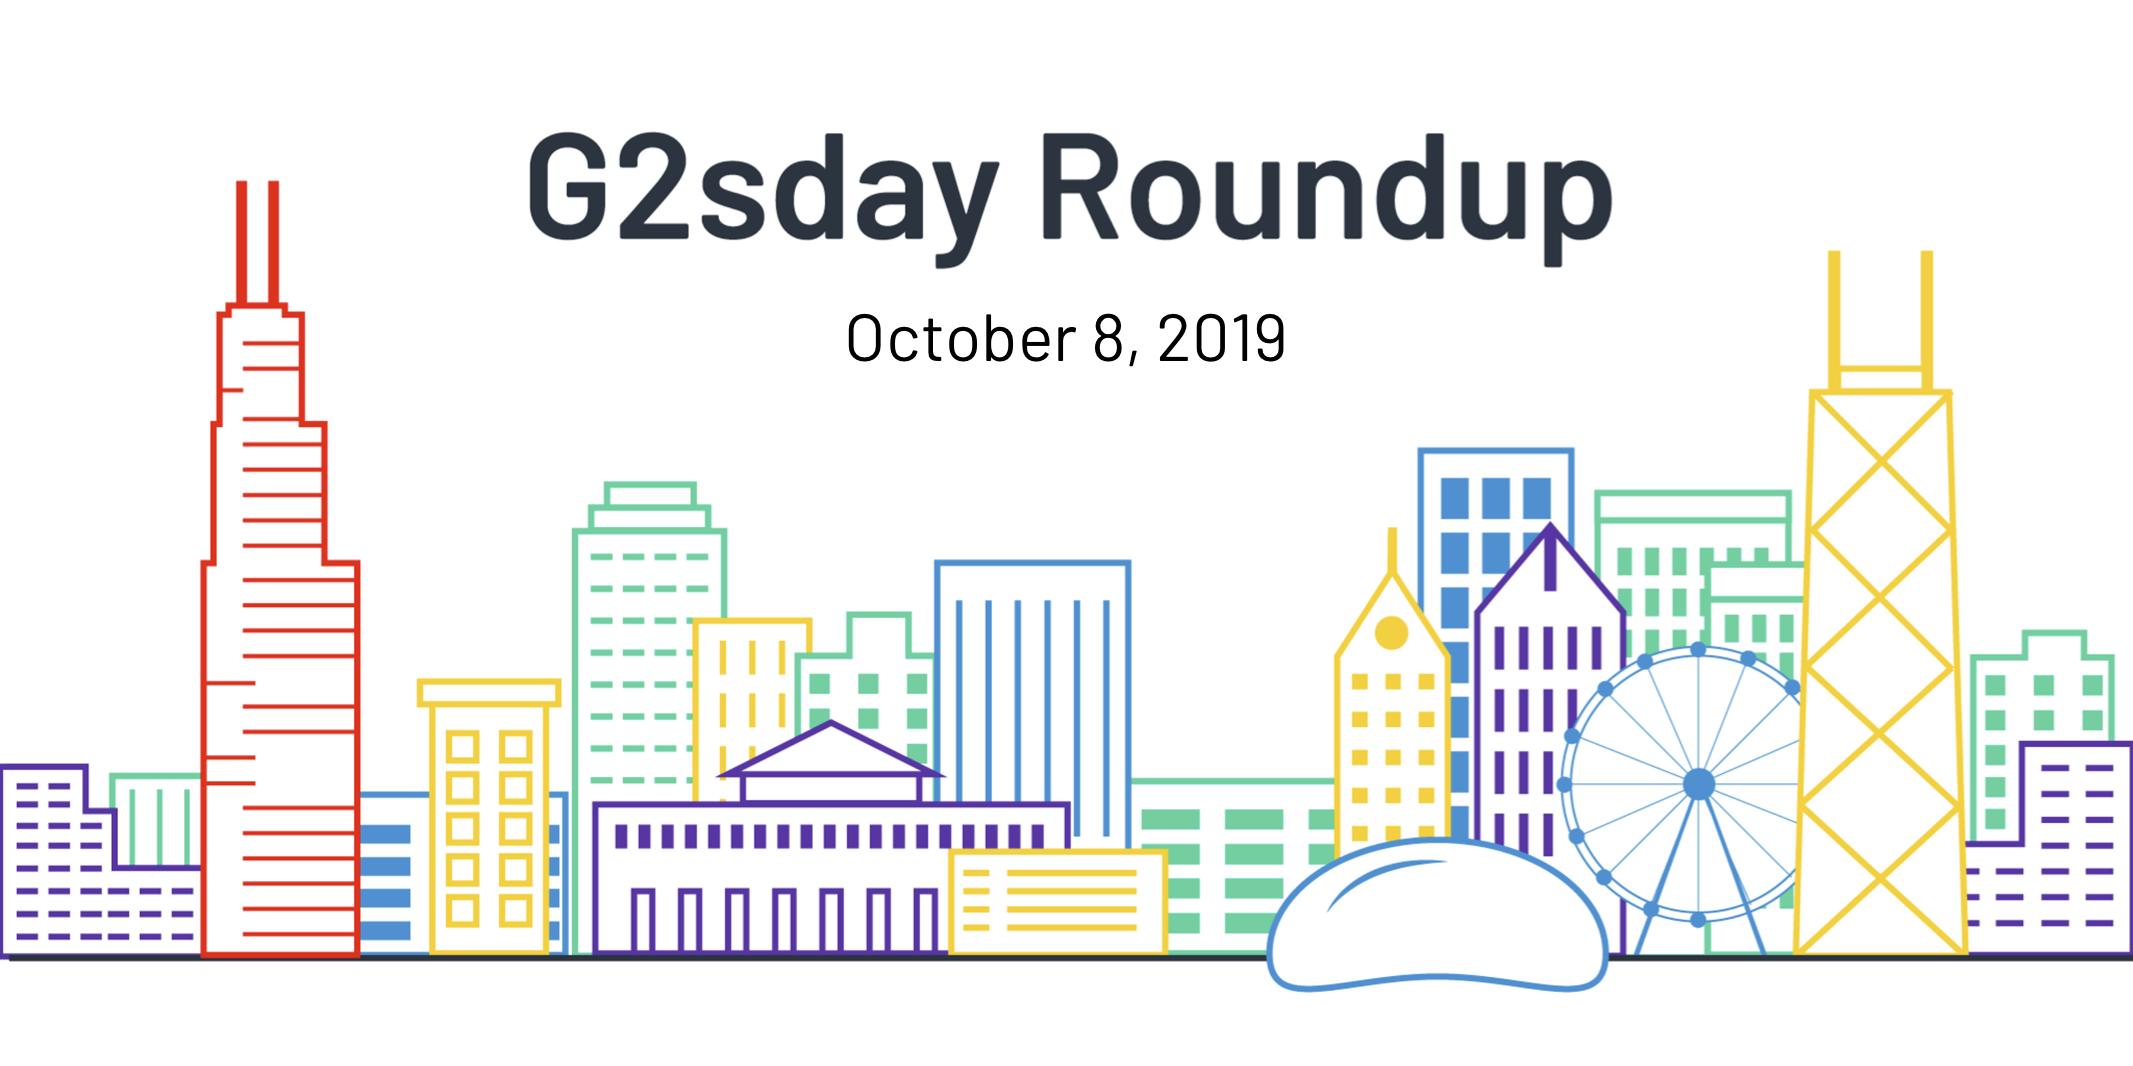 G2sday Round 10-8-19